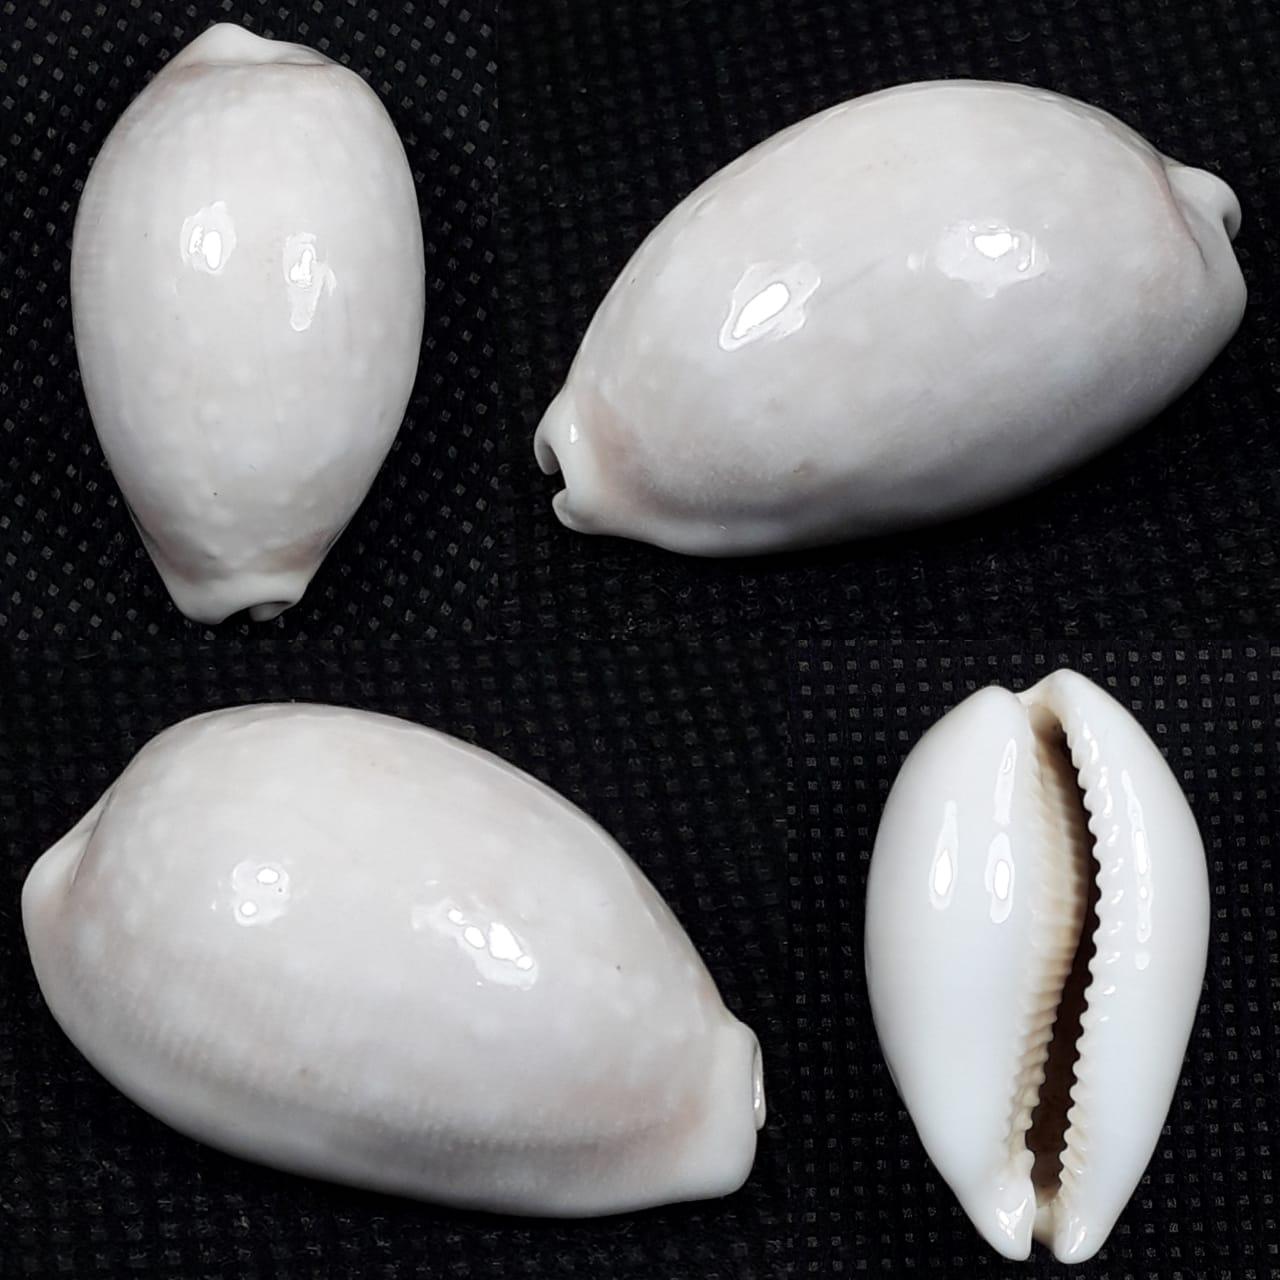 Lyncina vitellus - (Linnaeus, 1758) 8ca2bacf-9531-43f9-b326-67d3e4e1a19c